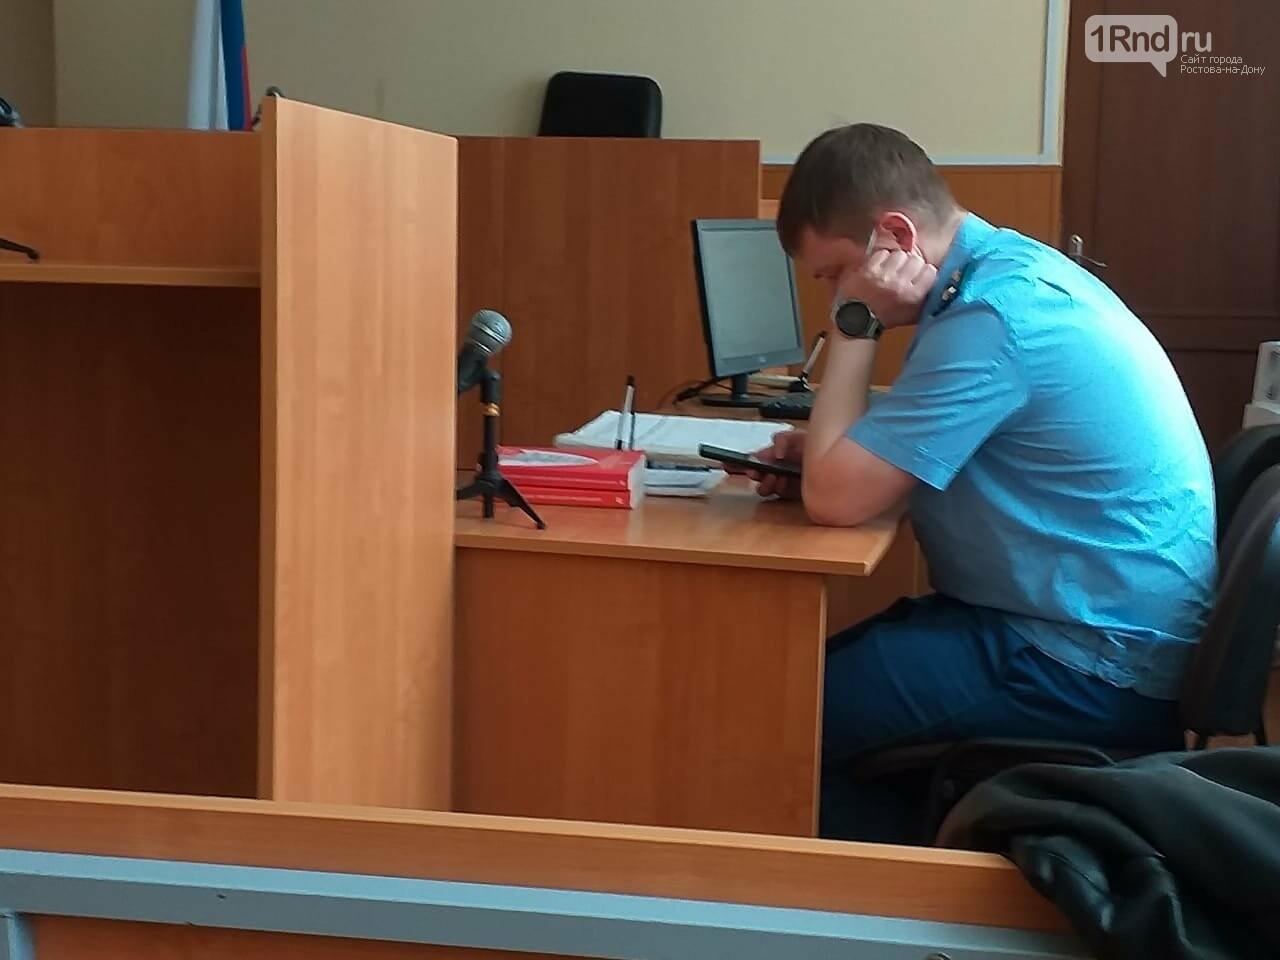 Гособвинитель А. Корниенко, фото 1rnd.ru